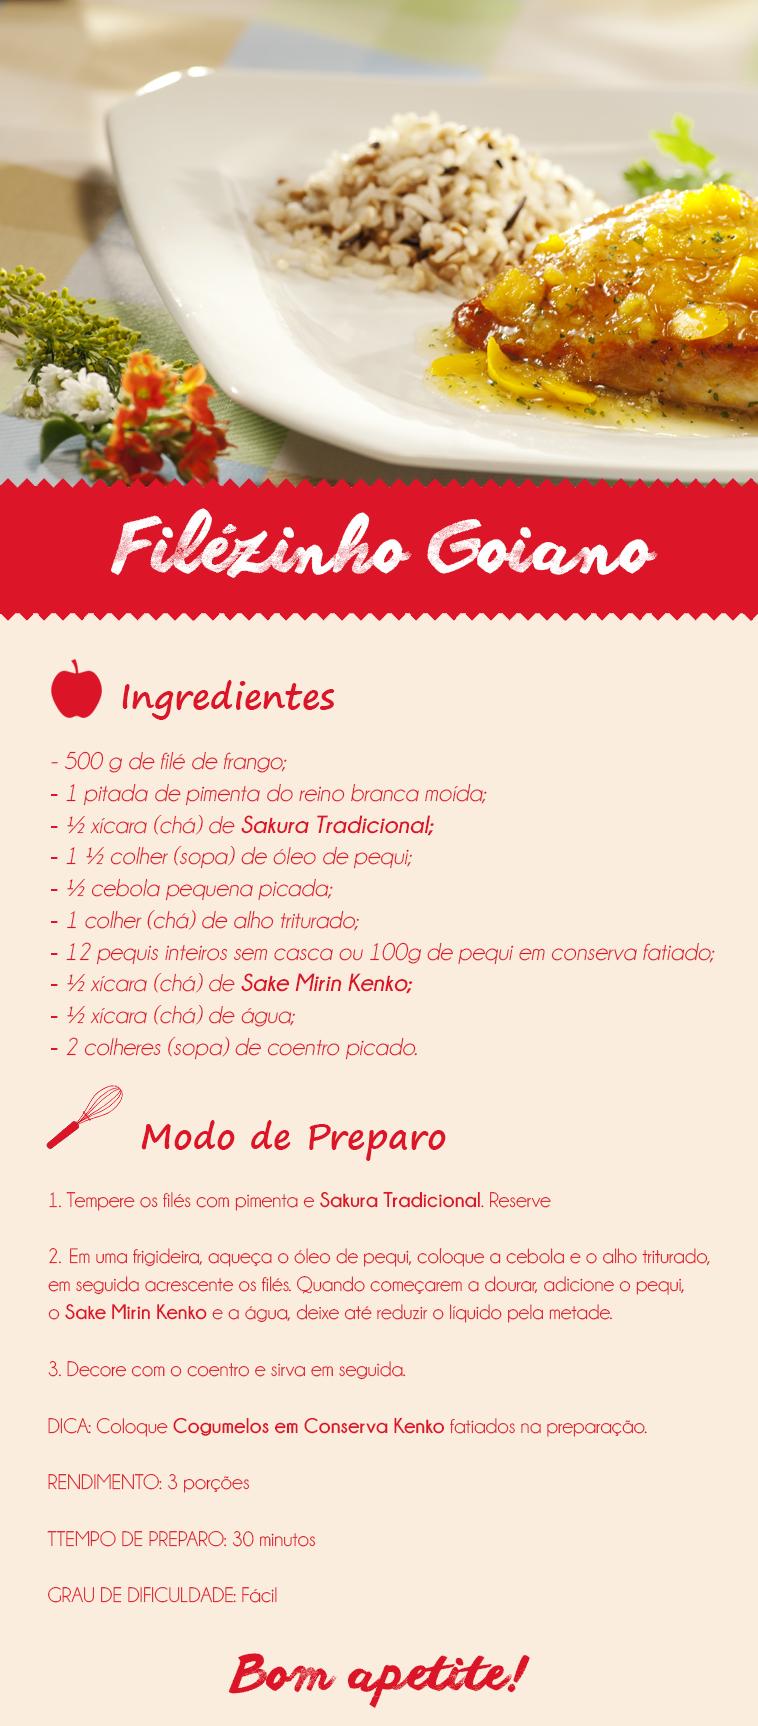 filezinho-goiano2